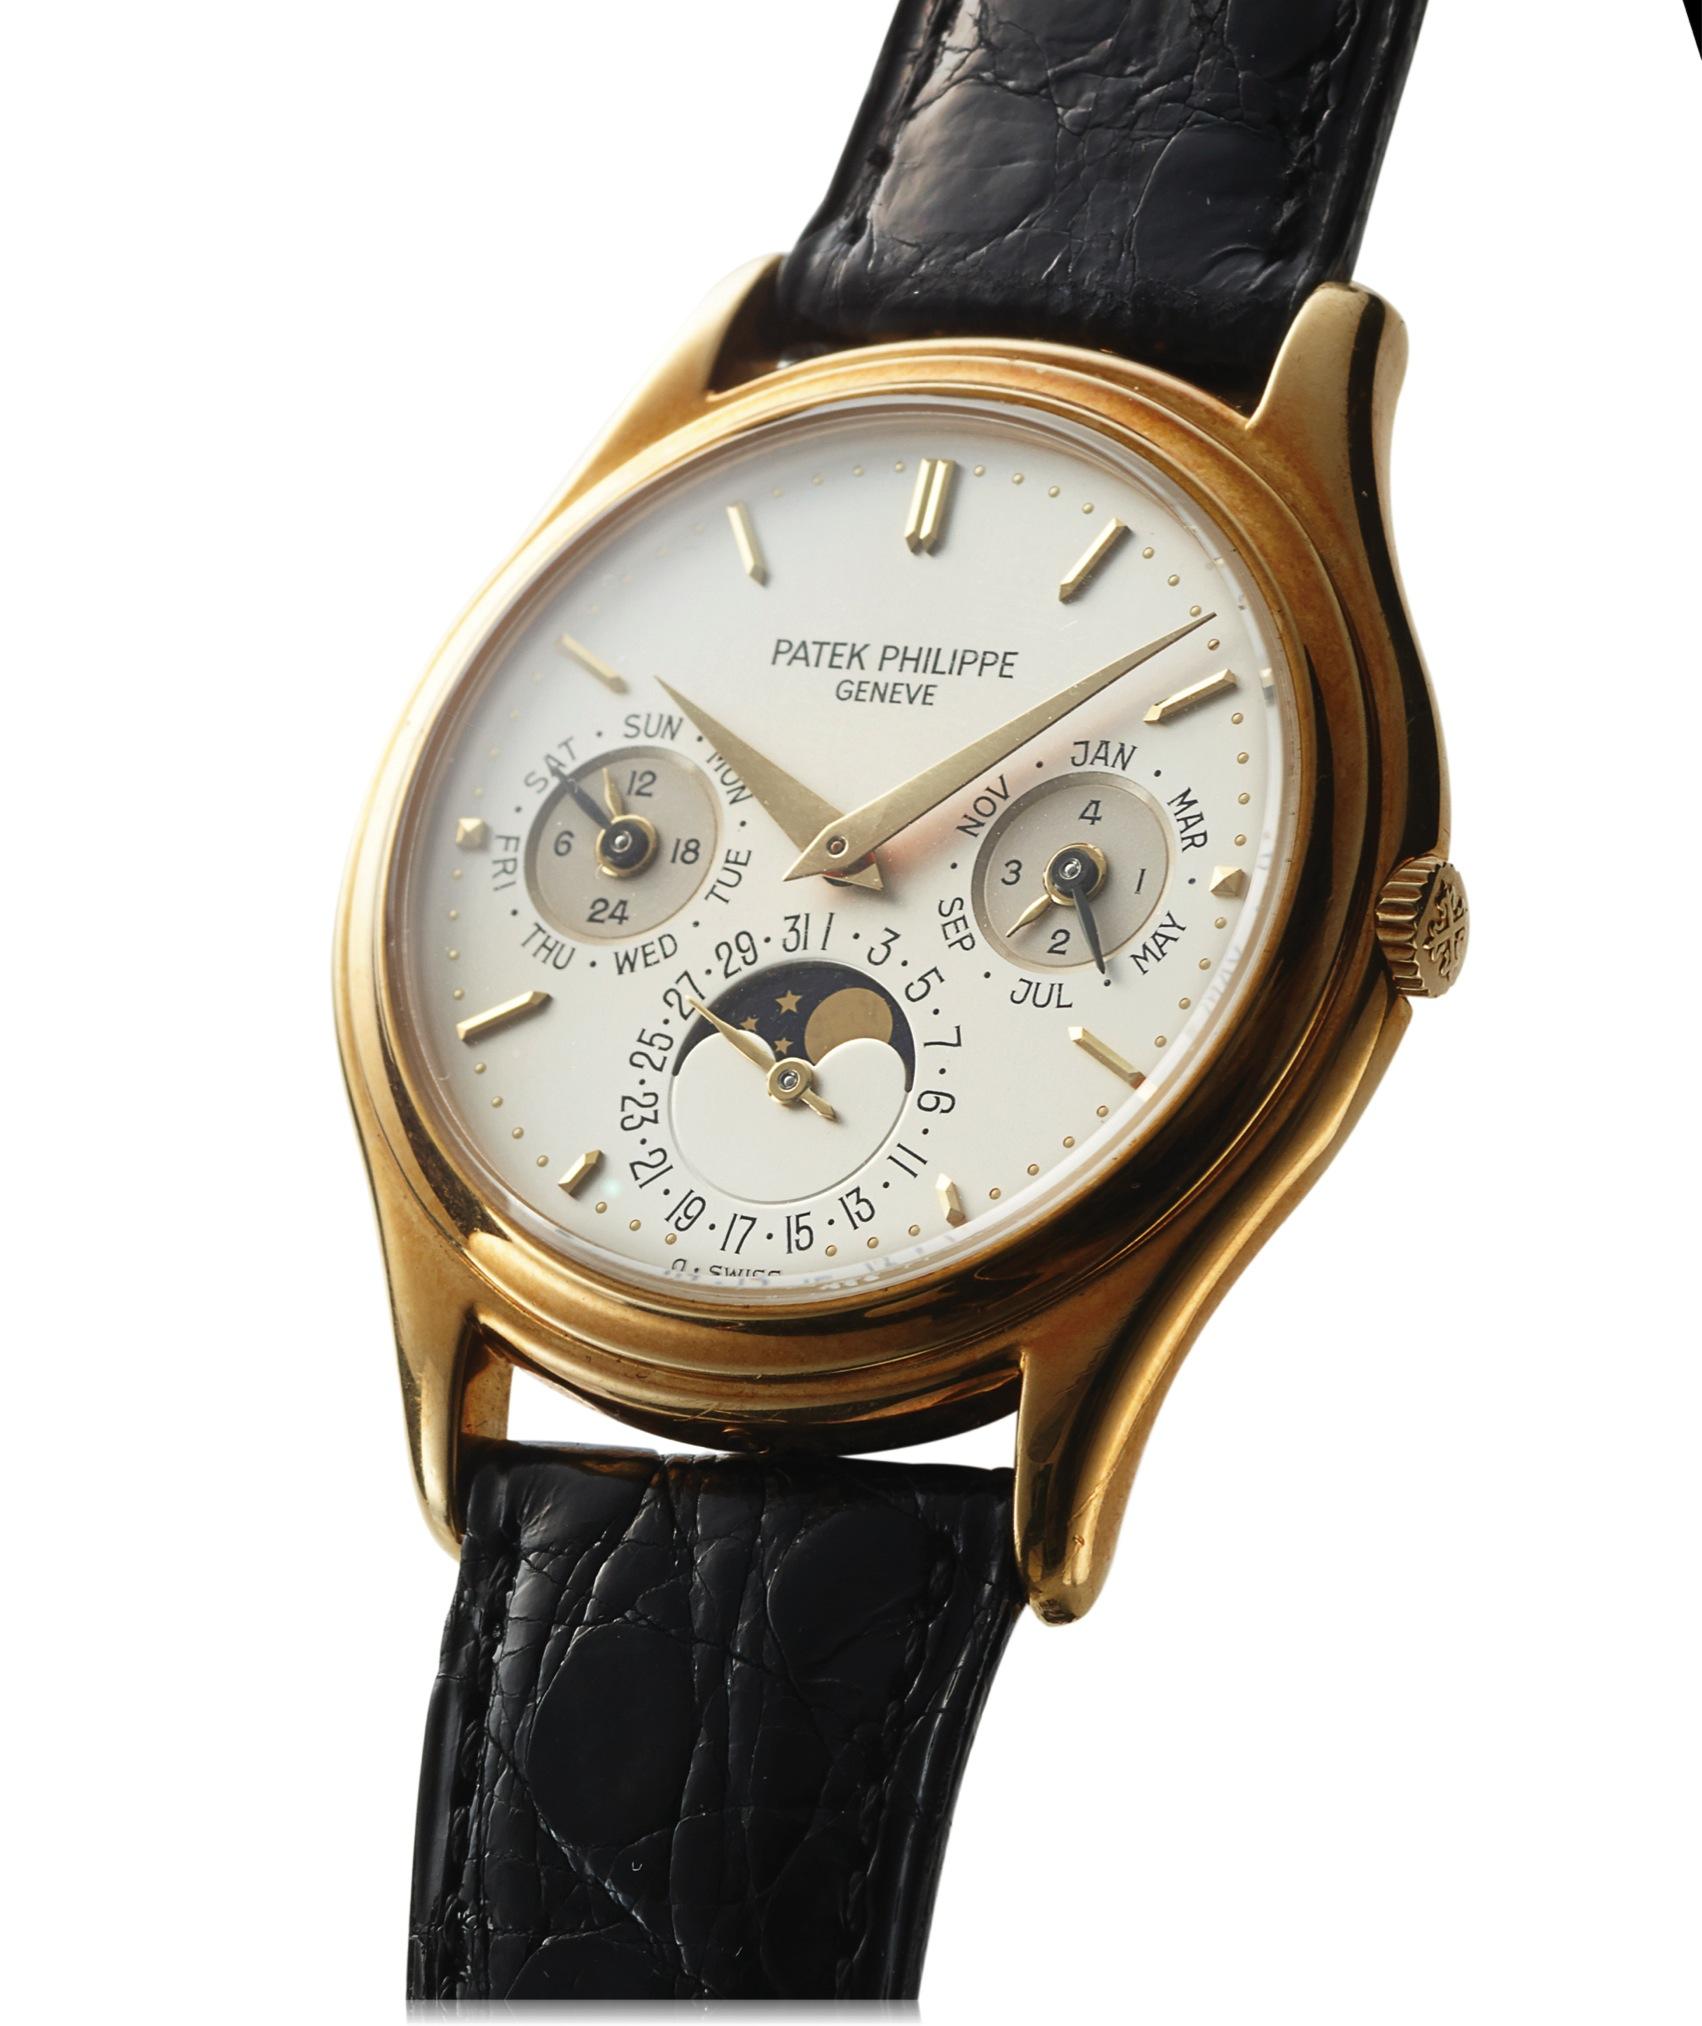 индивидуальный образ, часы patek philippe geneve 04682 москва жирных